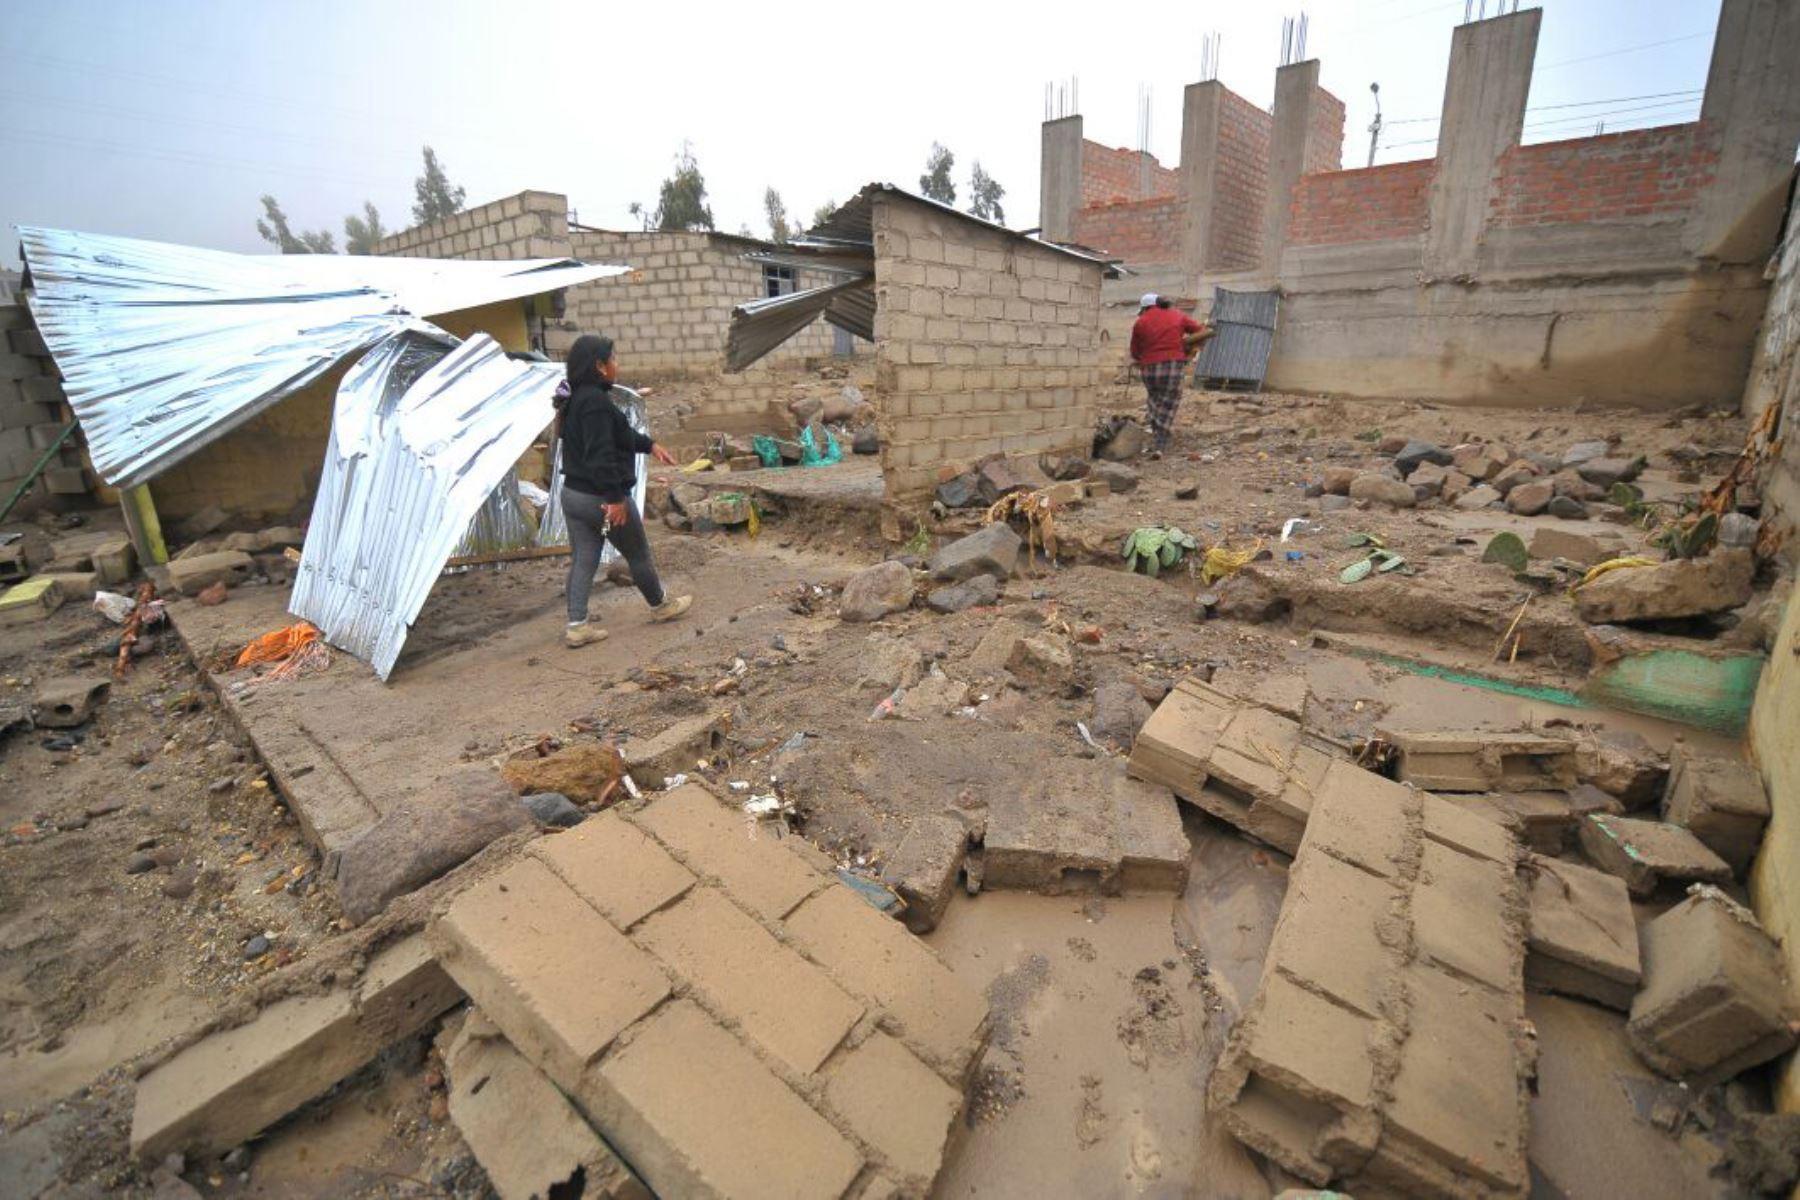 Intensas lluvias provocan desbordes y pone en alerta a la población — Arequipa